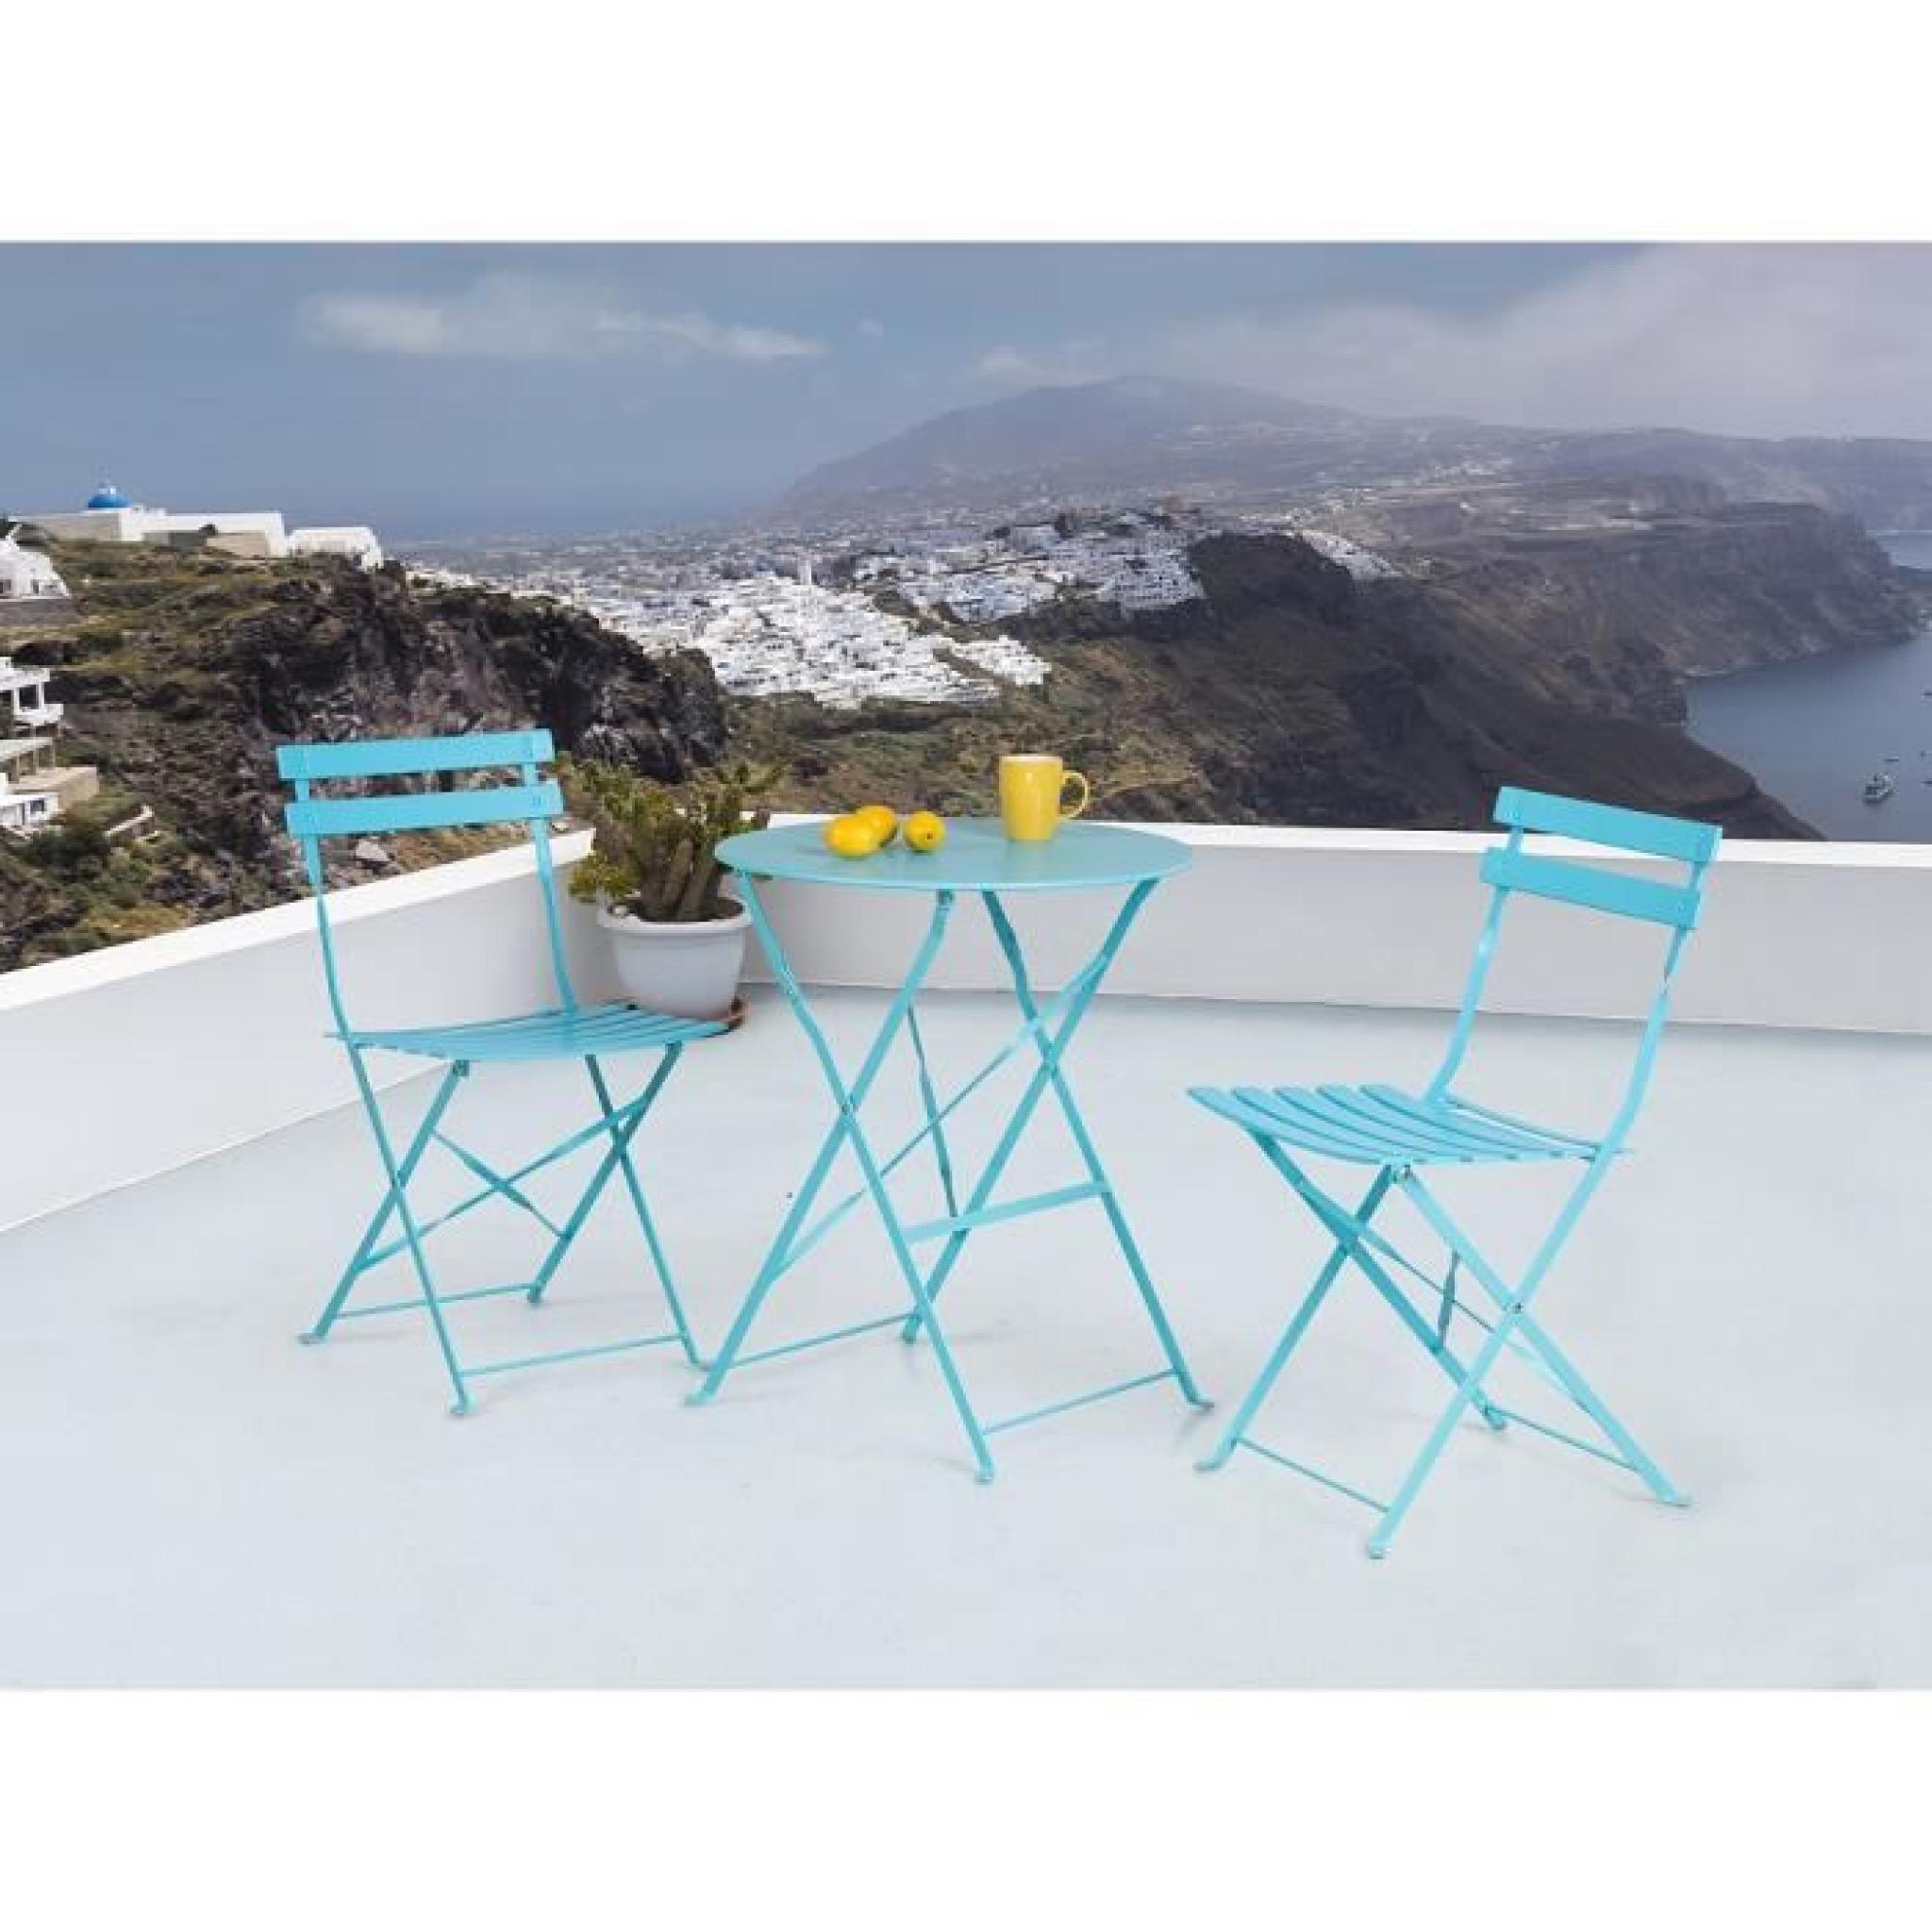 Fiori Et Chaises De Jardin Table En Ensemble 2 Acier Bleu rdxBCoe